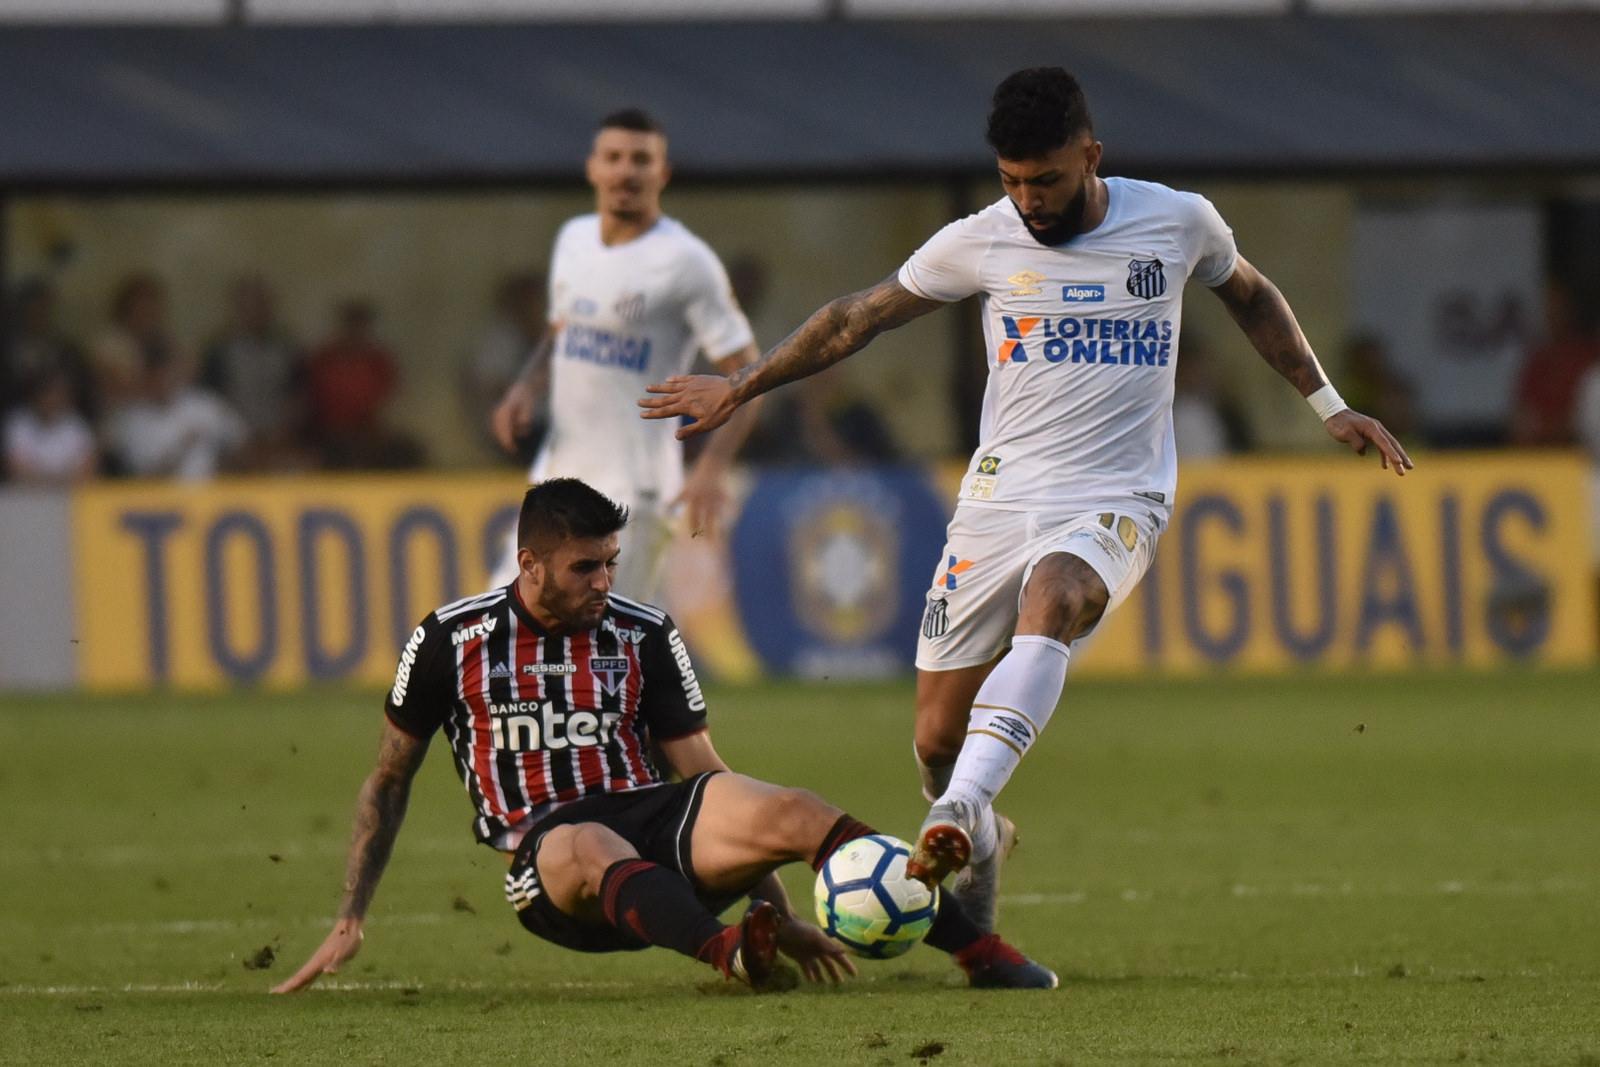 Com o empate com o Santos, o São Paulo assumiu a liderança do Brasileirão